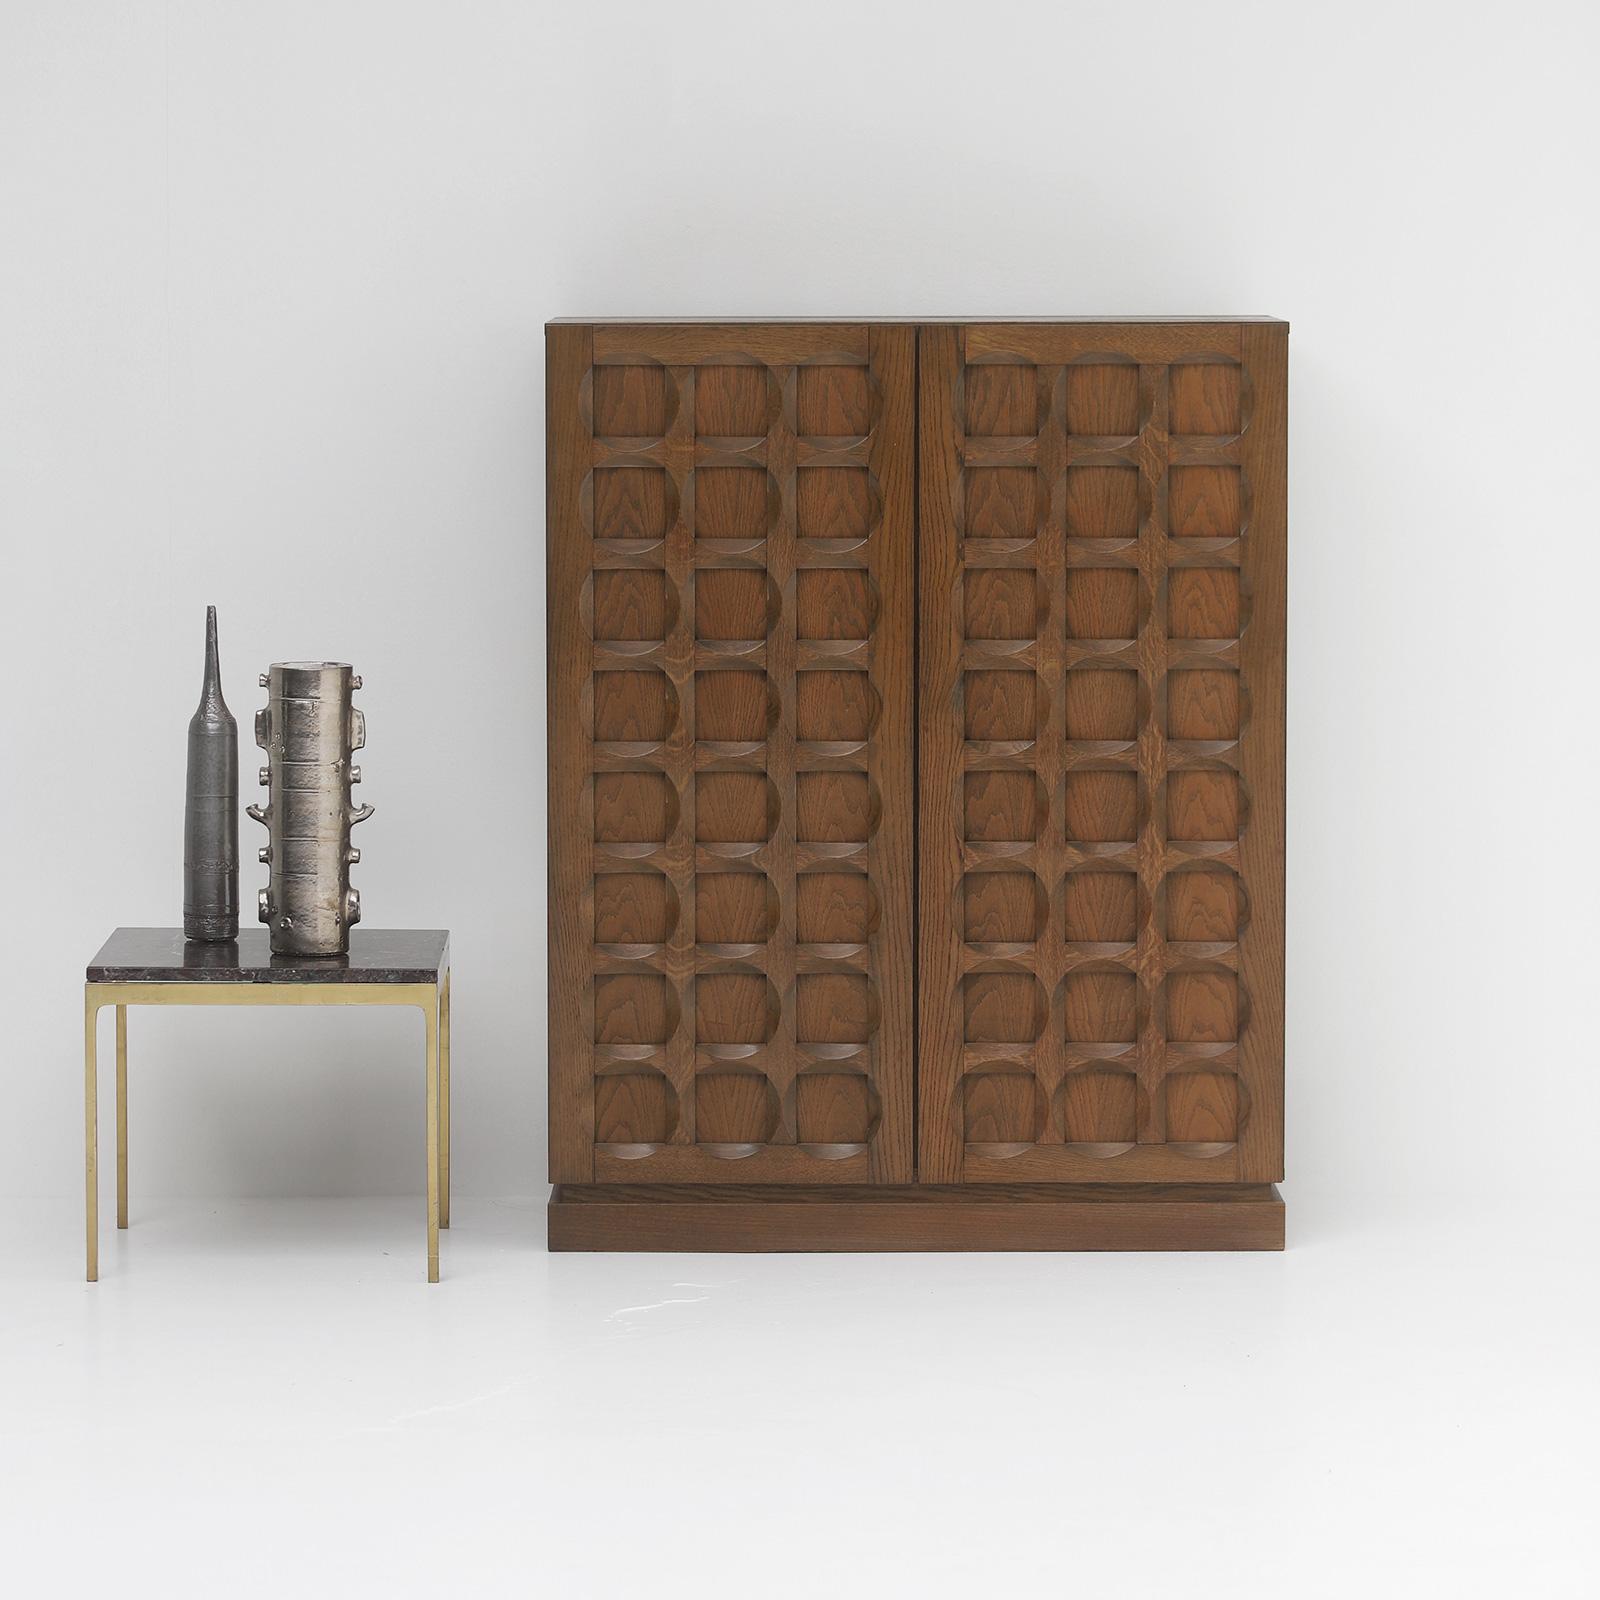 1970s Defour Cabinet Graphical Door Panels